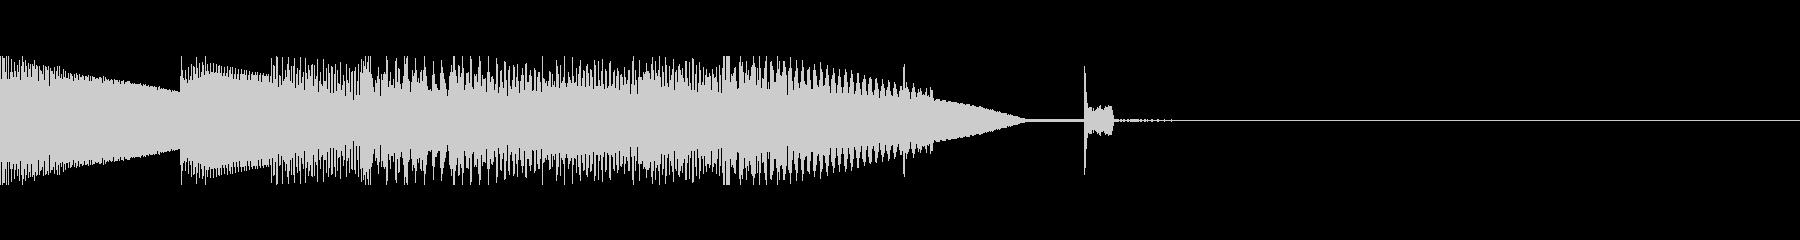 ファミコン風の明るいサウンドロゴの未再生の波形